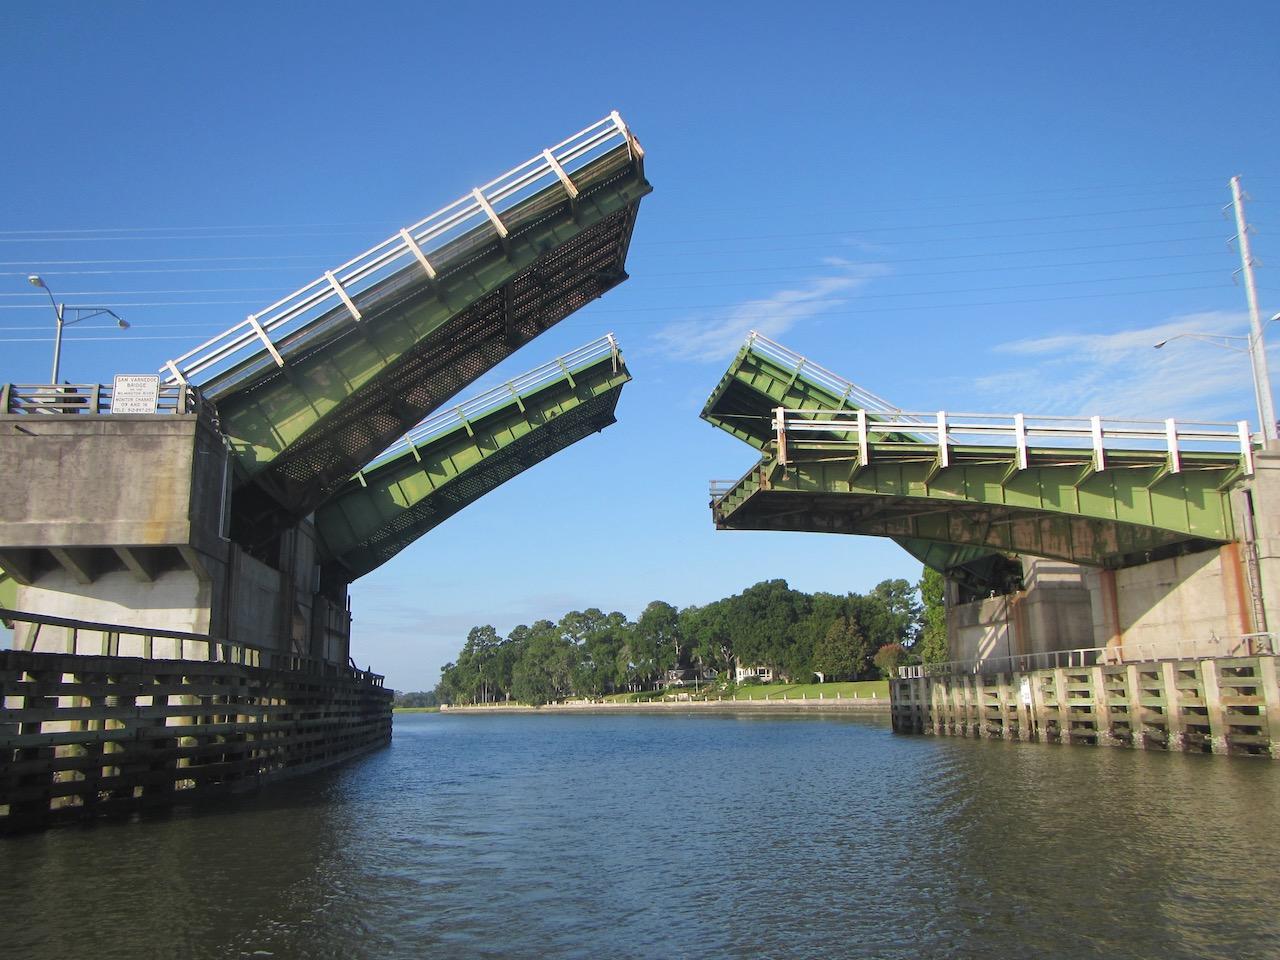 Die Brücke von Causton Bluff, nur halb geöffnet